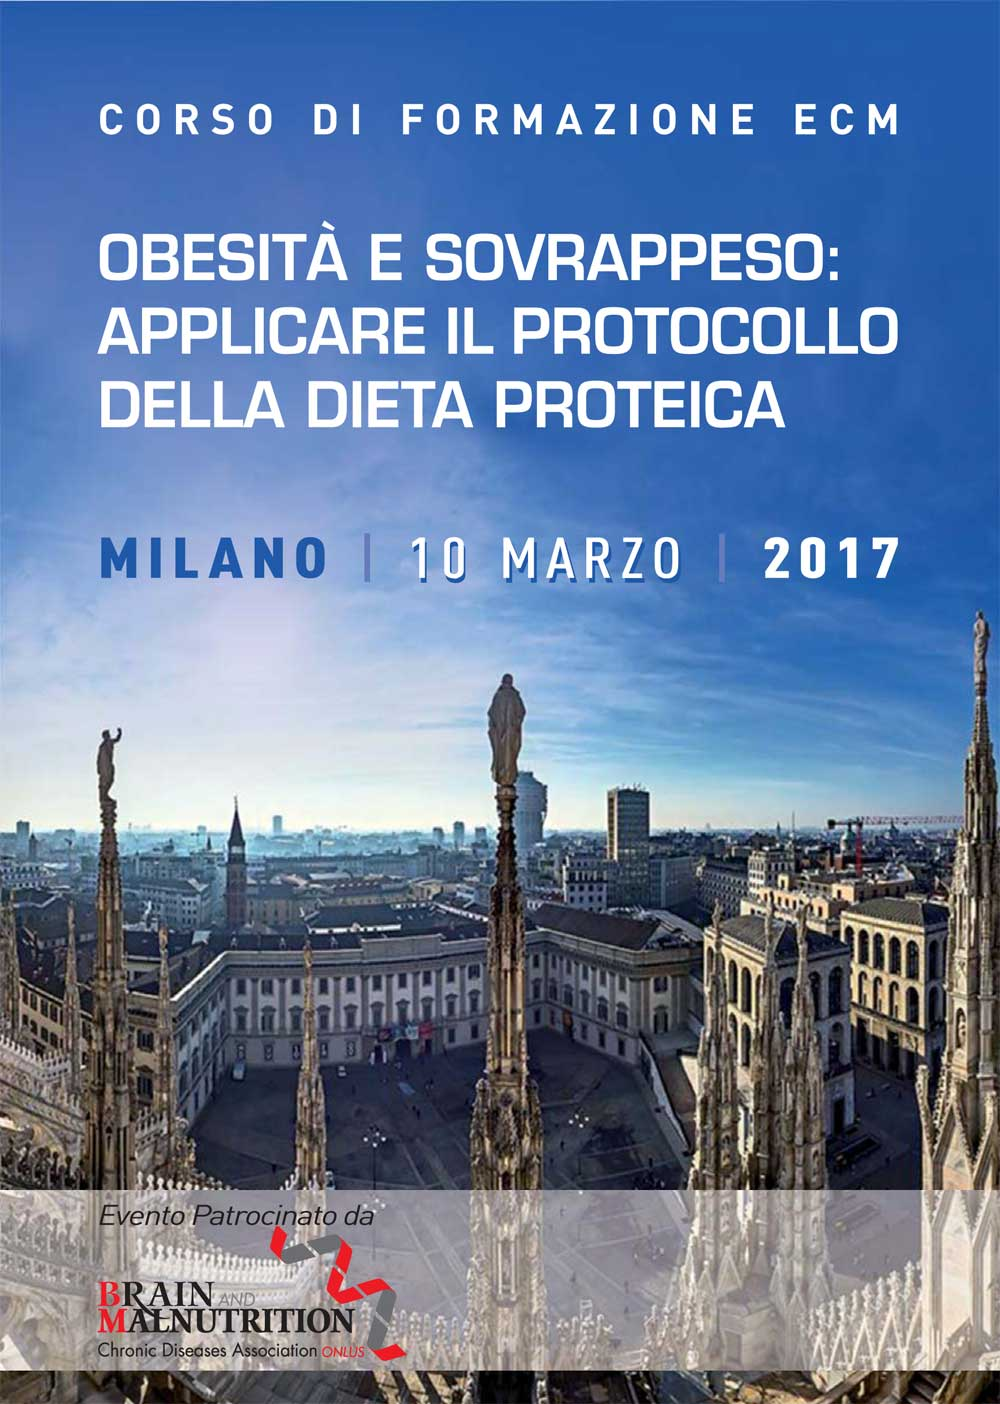 obesita_e_sovrappeso_milano-1000